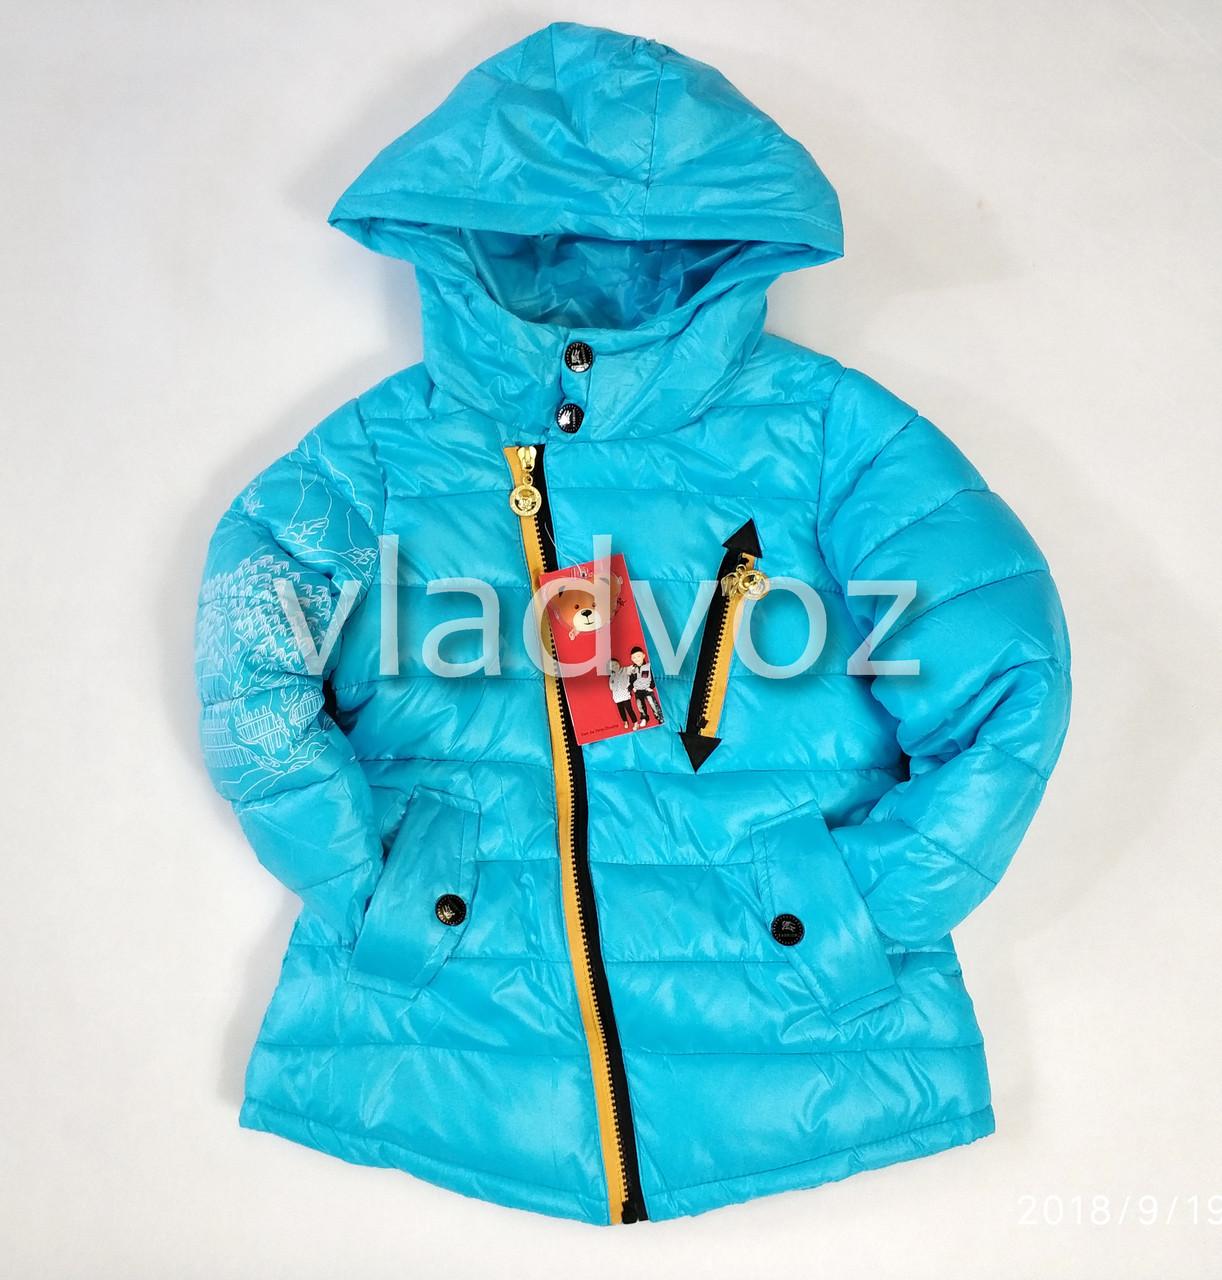 Детская демисезонная куртка для девочек голубая 4-6 лет